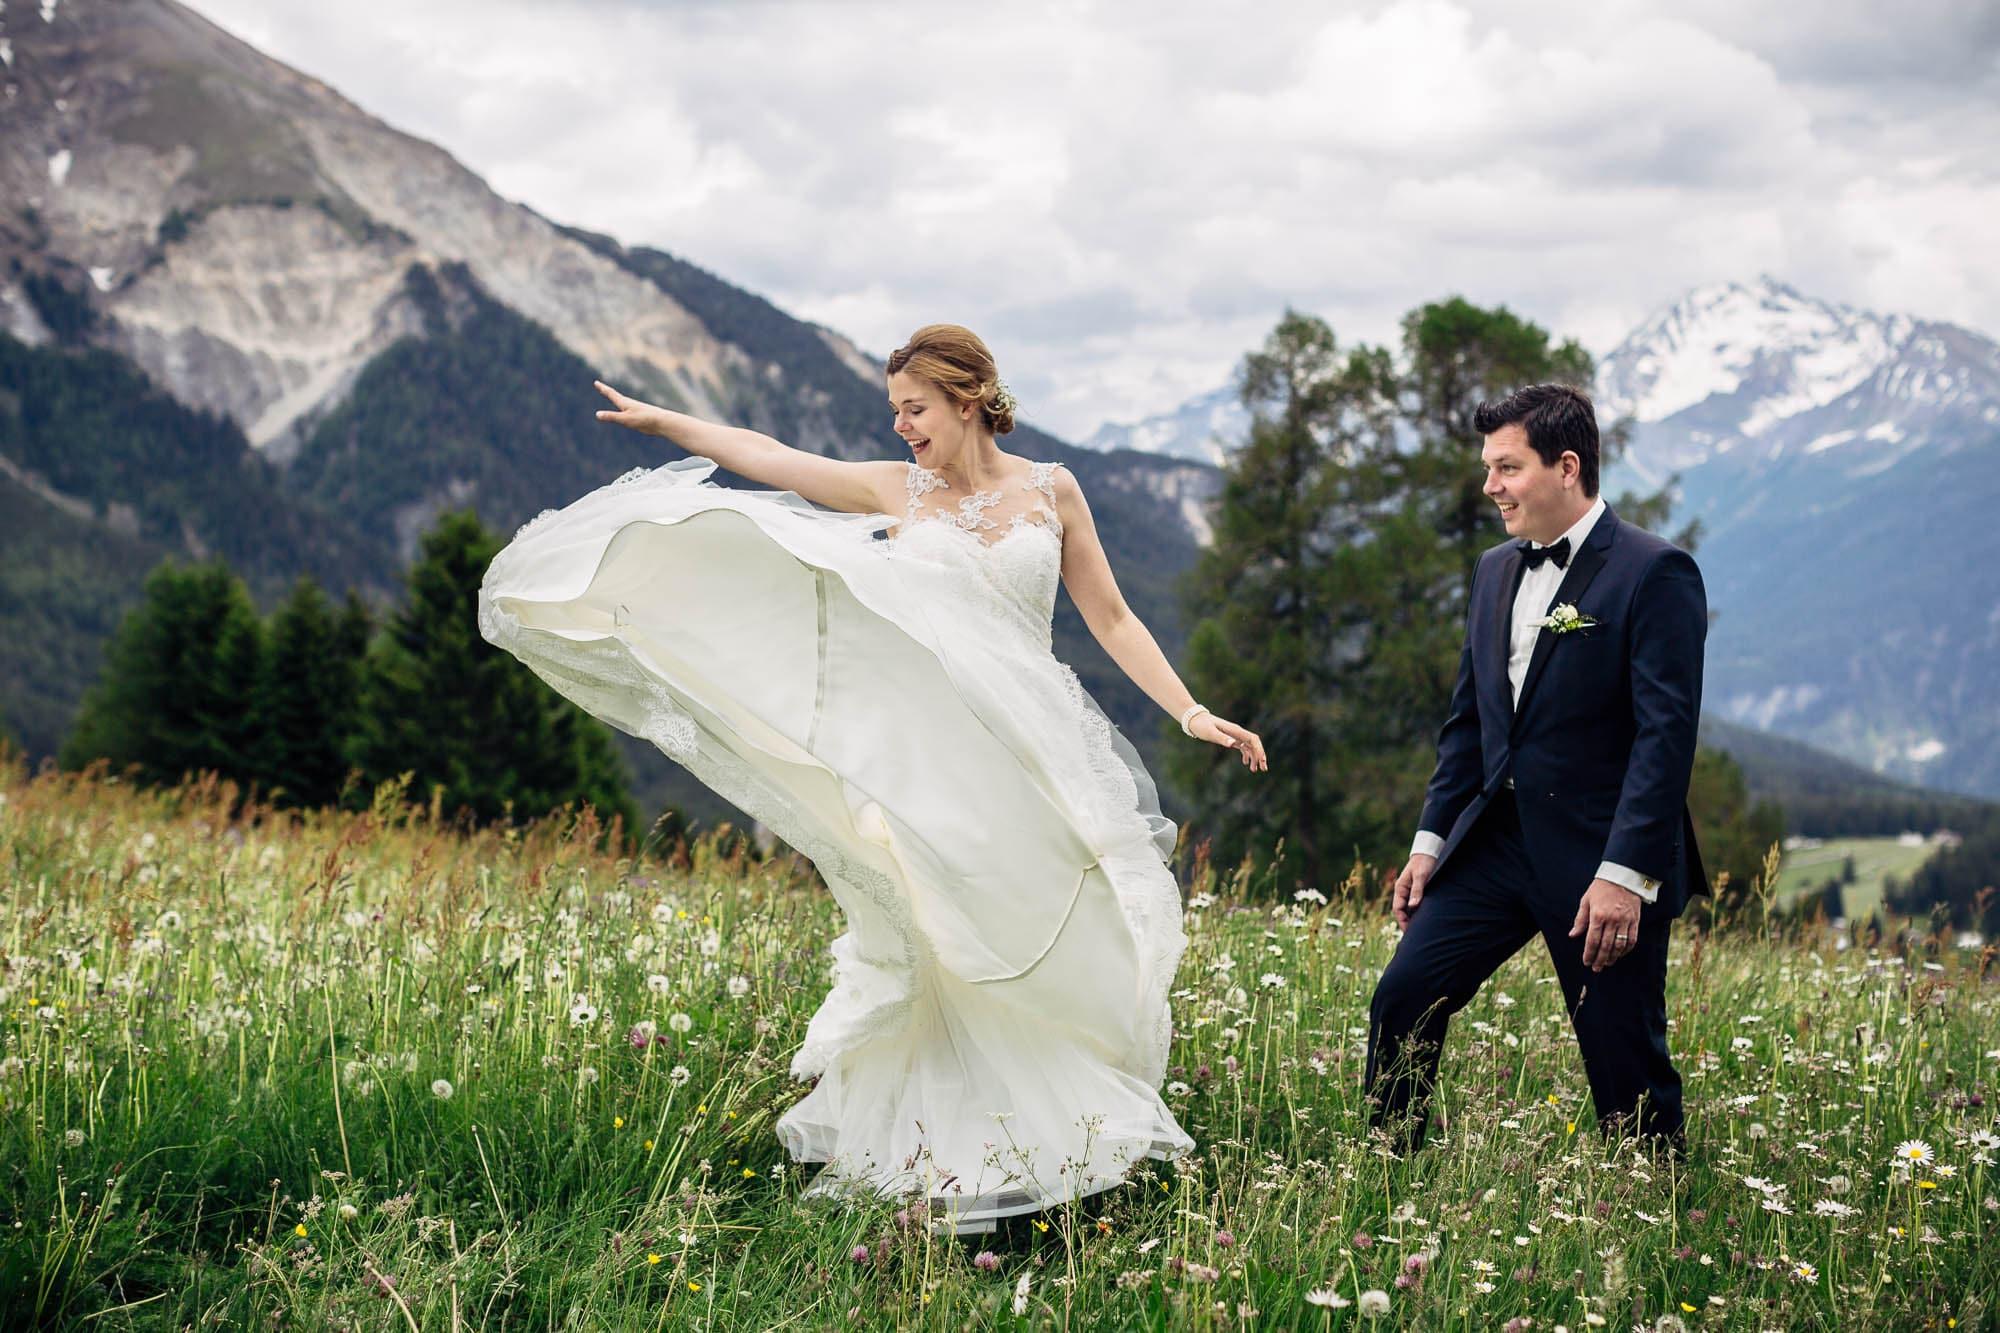 Brautkleid fliegt im Wind auf Blumenwiese beim Tanzen